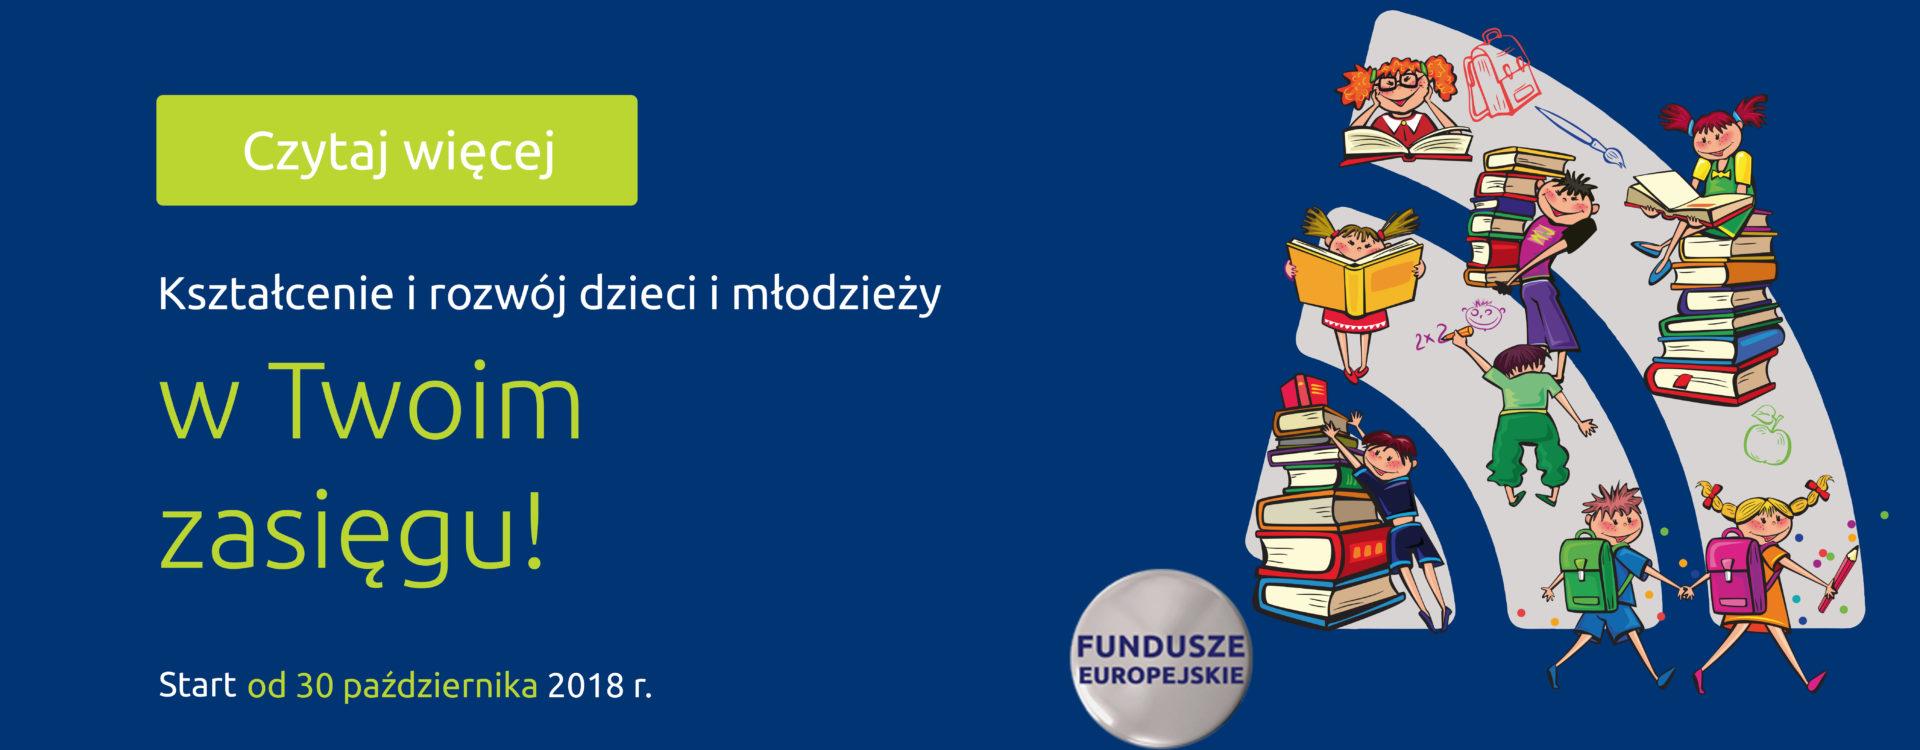 Fundusze unijne dla mazowieckich szkół na podnoszenie jakości kształcenia